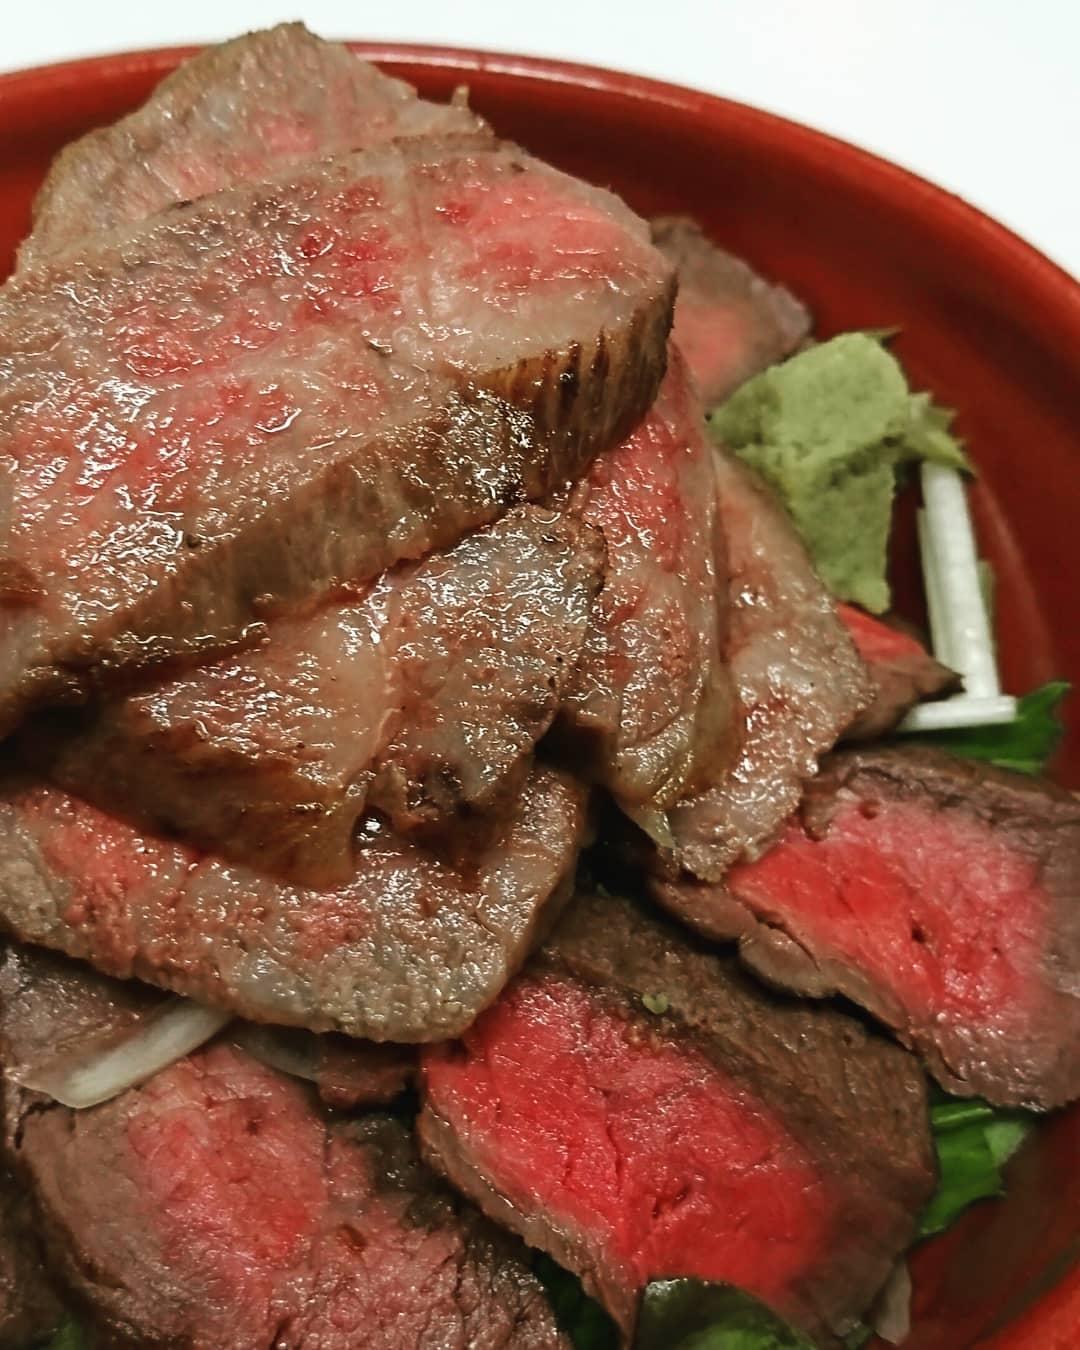 今日のテイクアウトメニューは… 疲れたなぁ~とか… あれっ? お肌が… なんて方におすすめ 疲労回復には豚肉のビタミンB1ですが、質の良い牛の赤身には体を温める効果があるそうです! 代謝を上げてパワーUP!! 黒毛和牛ステーキ丼 2000円  黒毛和牛  しゃぶしゃぶサラダ 700円 です♪ (税込)  ステーキは200グラムタップリ乗っています♪ しゃぶしゃぶサラダは火が入りすぎないギリギリで柔らかく仕上げてます♪ どちらもタレ・ドレッシングは別添えにして、 食べるタイミングかけてください♪ タレもドレッシングも自家製ですよ♪ ワサビでも美味しいですよლ(´ڡ`ლ)  是非お待ちしております(^O^)